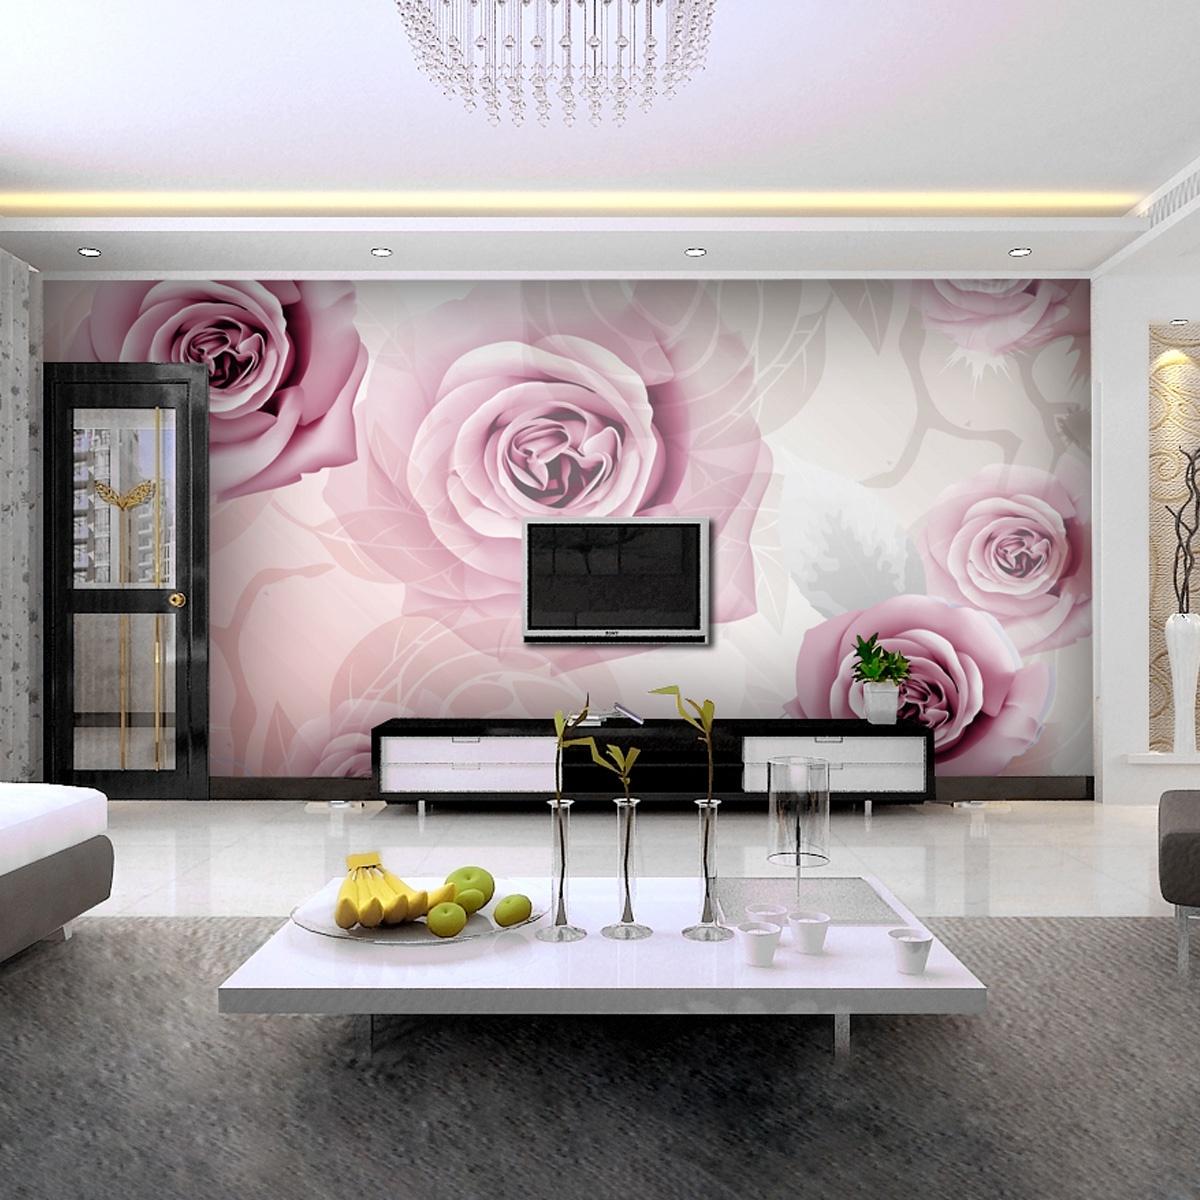 电视背景墙玫瑰壁纸图片装修效果图